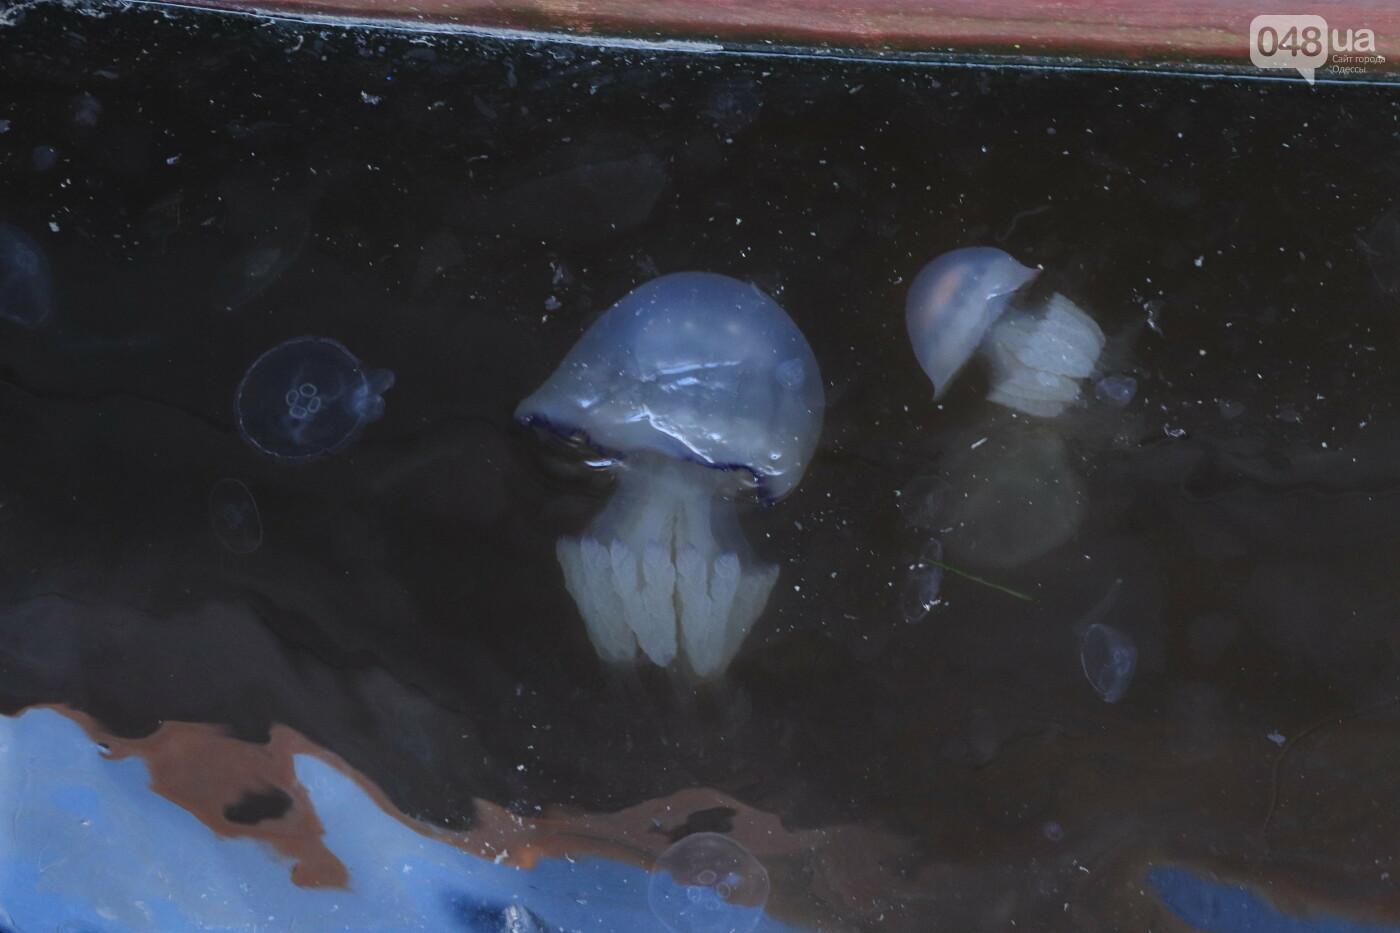 Одессу атаковали медузы, купаться в море опасно, - ФОТО, фото-5